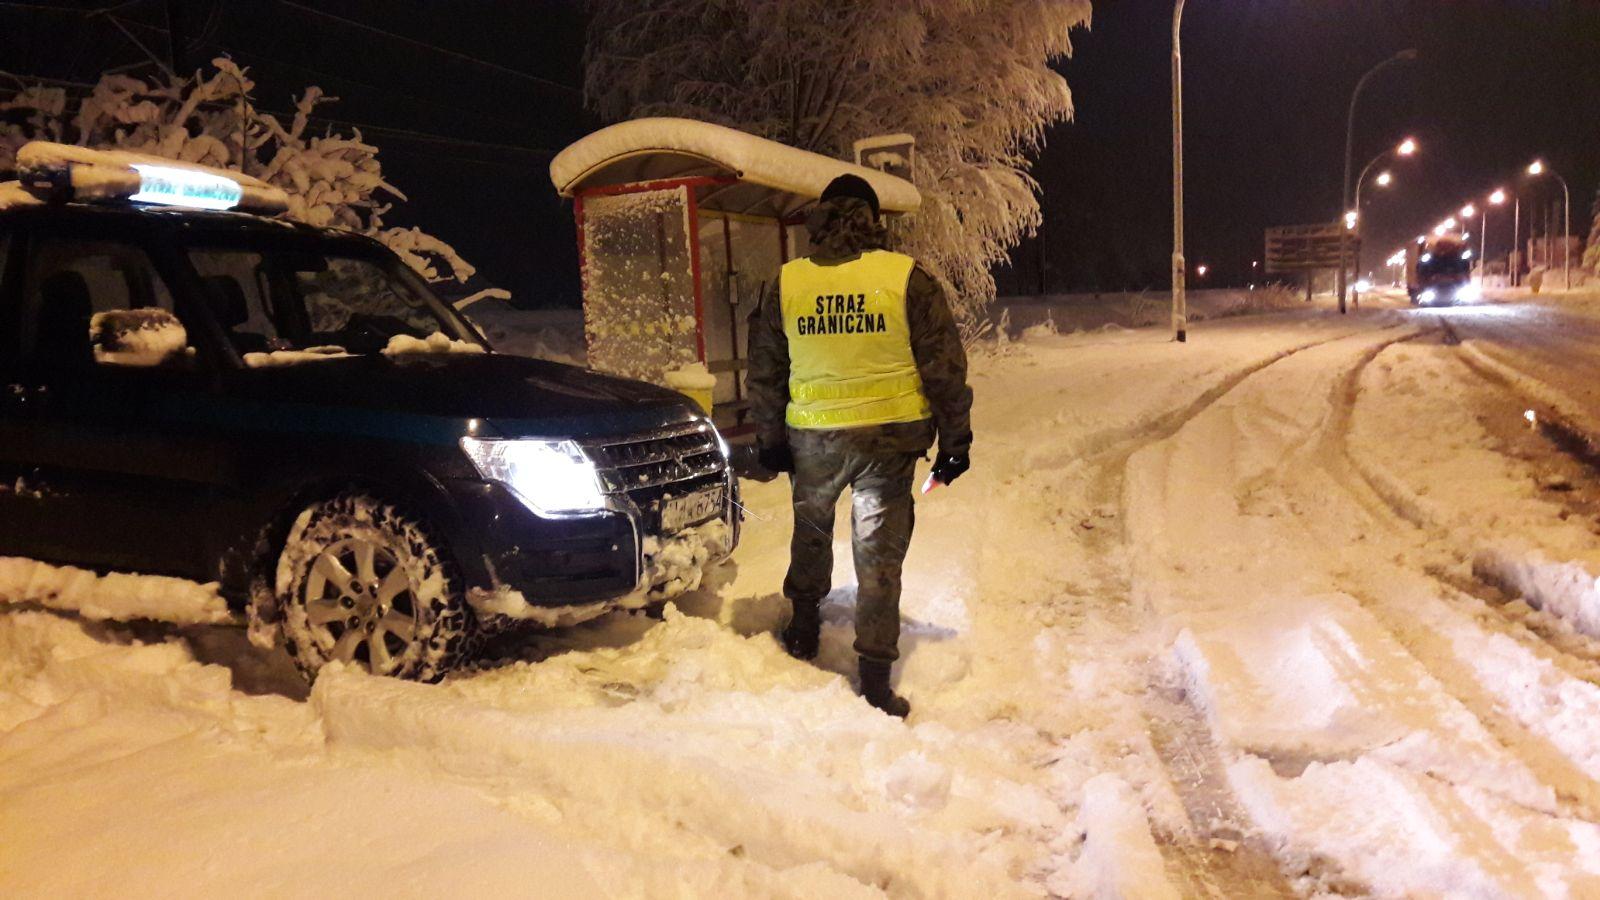 Patrol SG dokonujący kontroli drogowej / foto. arch. BiOSG